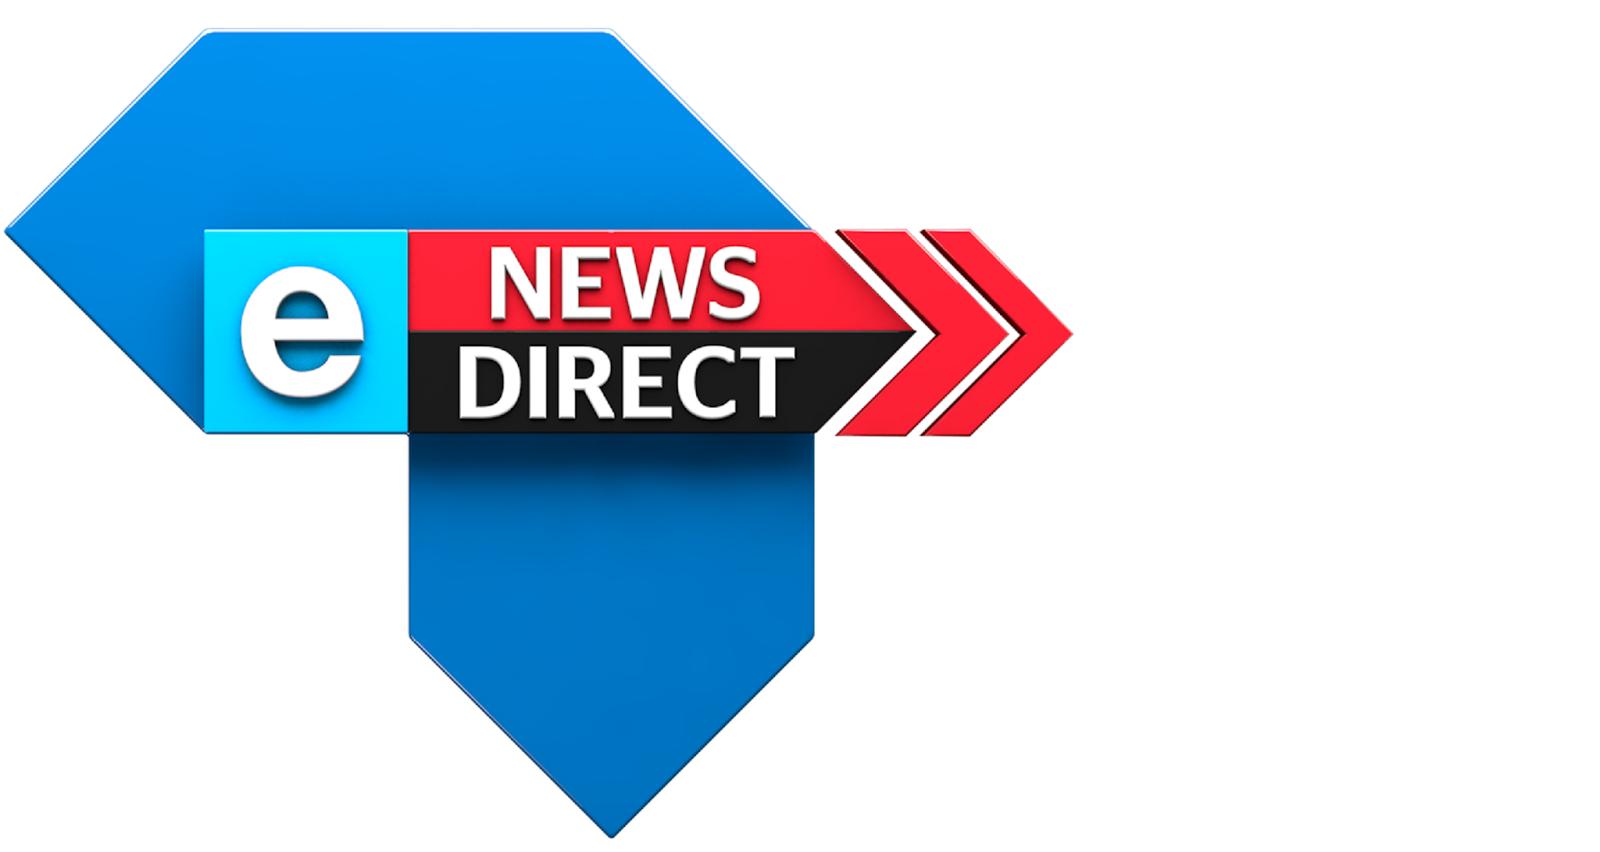 TV with Thinus: e.tv's eNews division dumps eNews Prime ...